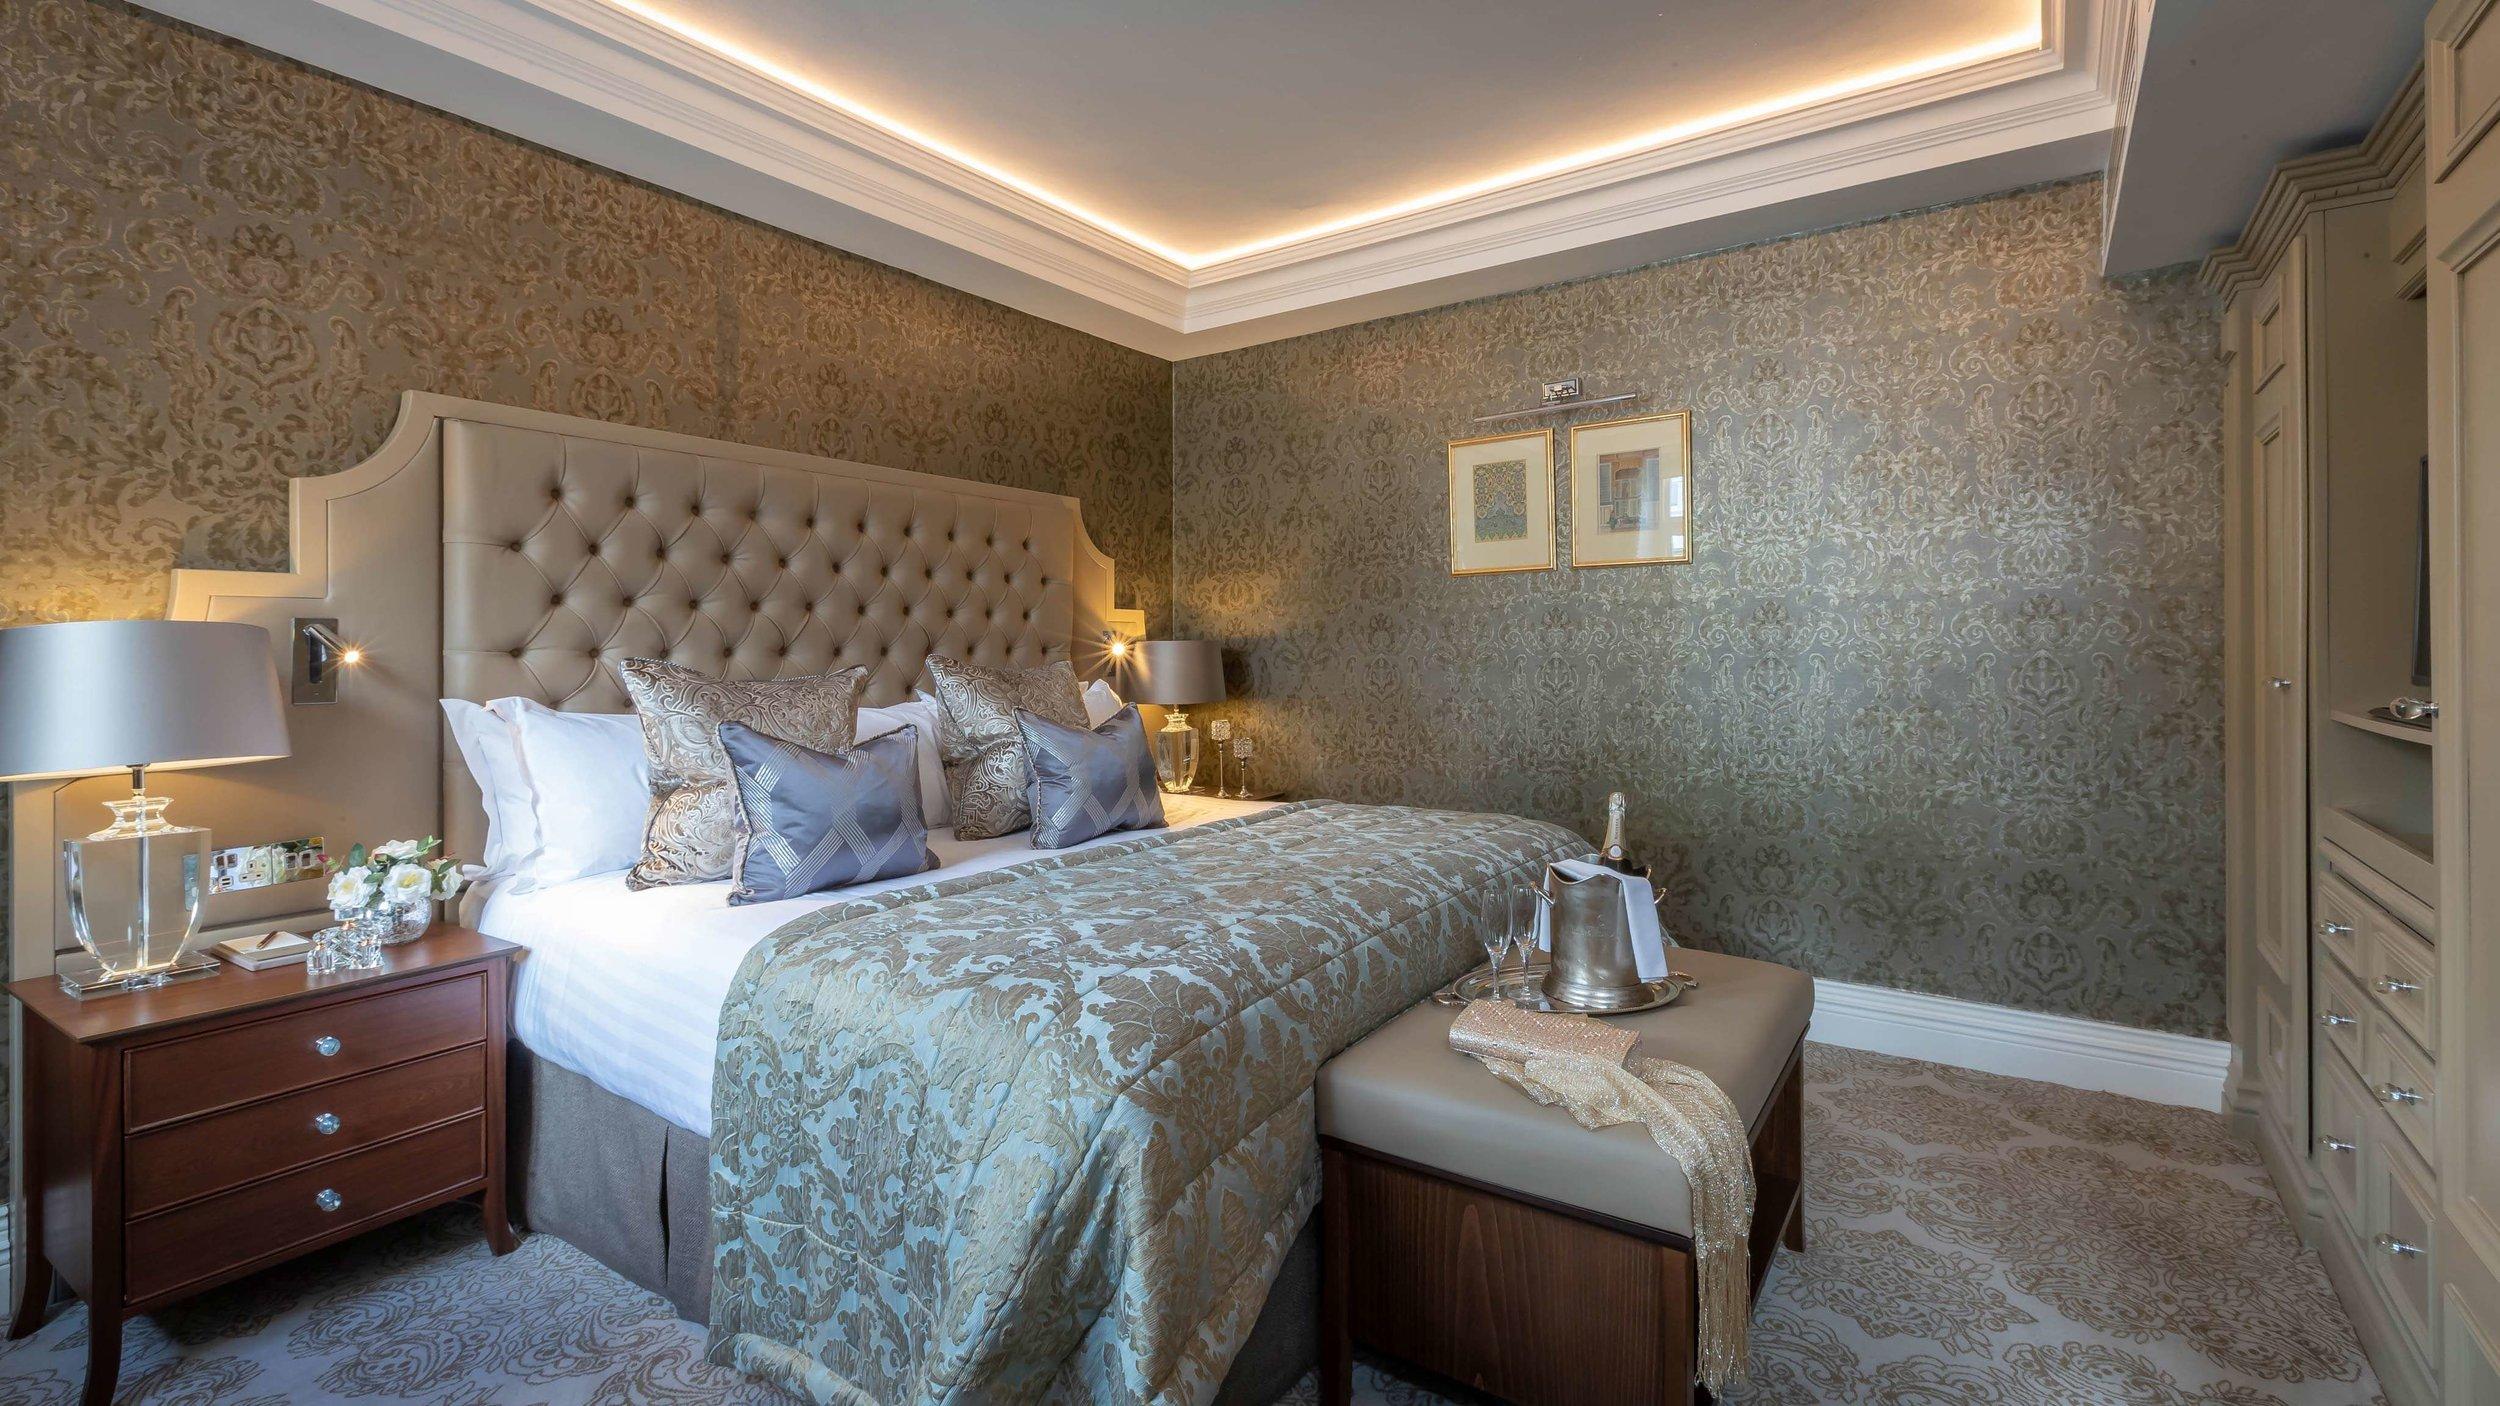 queen-anne-court-bedroom-01.jpg